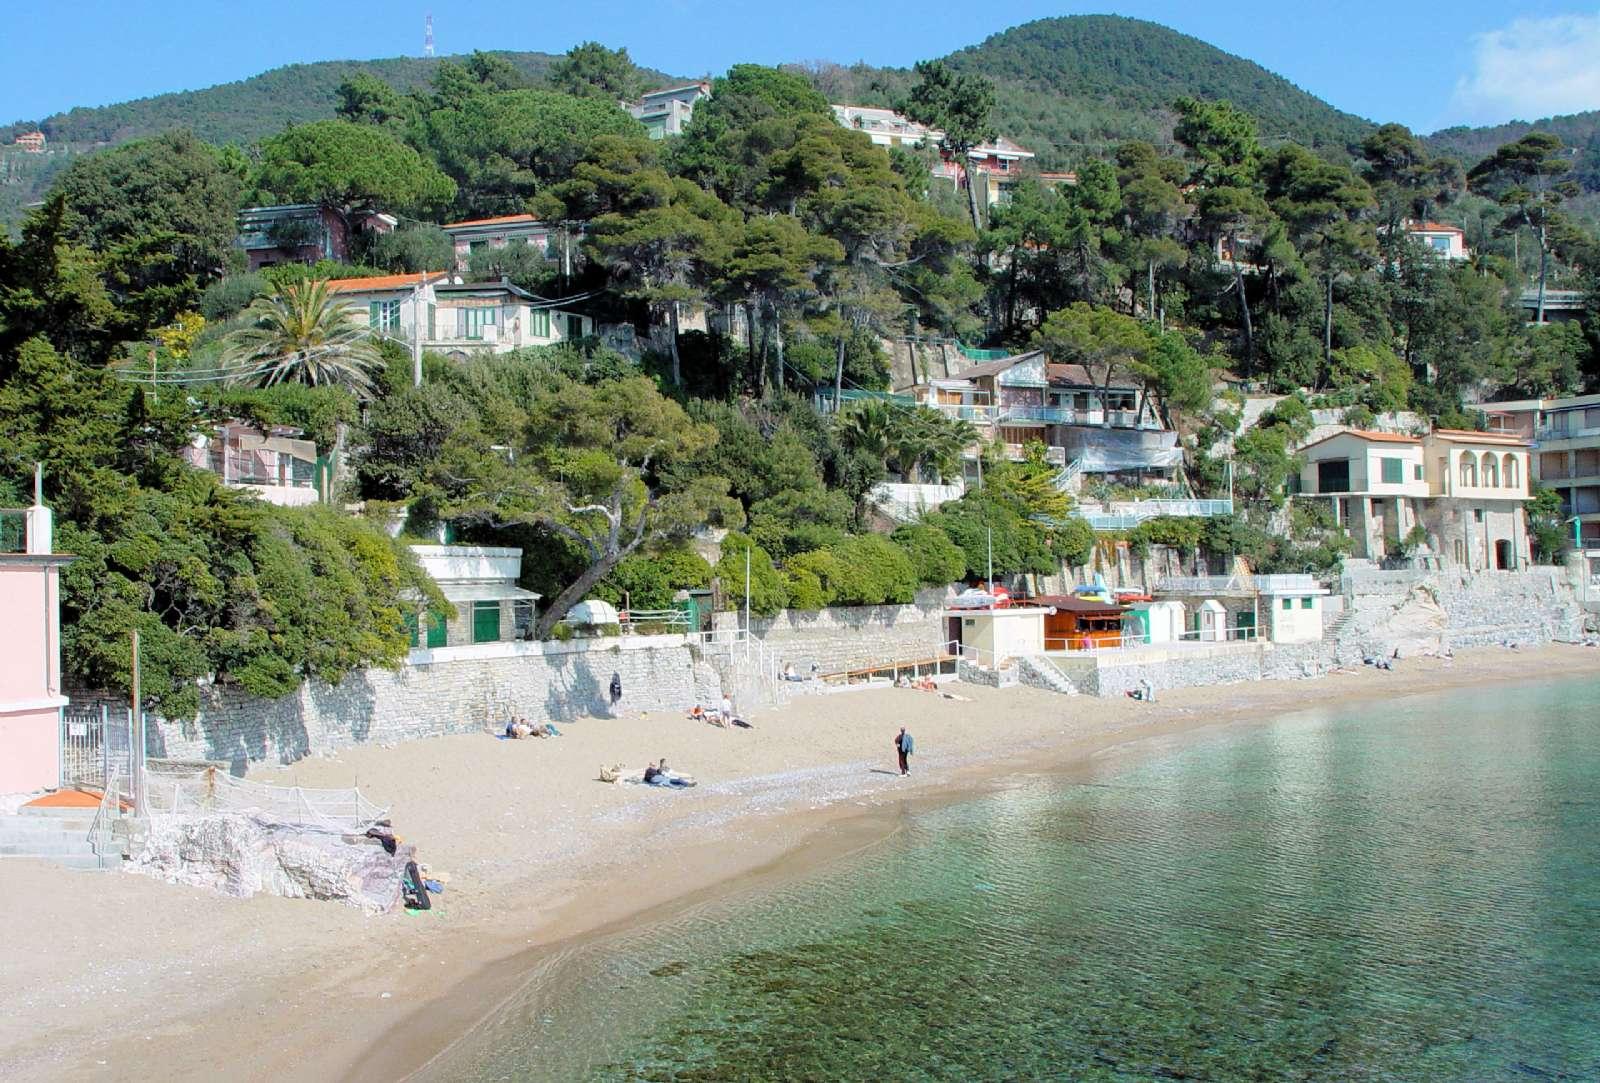 Den flotte sandstrand i Fiascherino - hotellet anes til venstre i billedet (rosa)